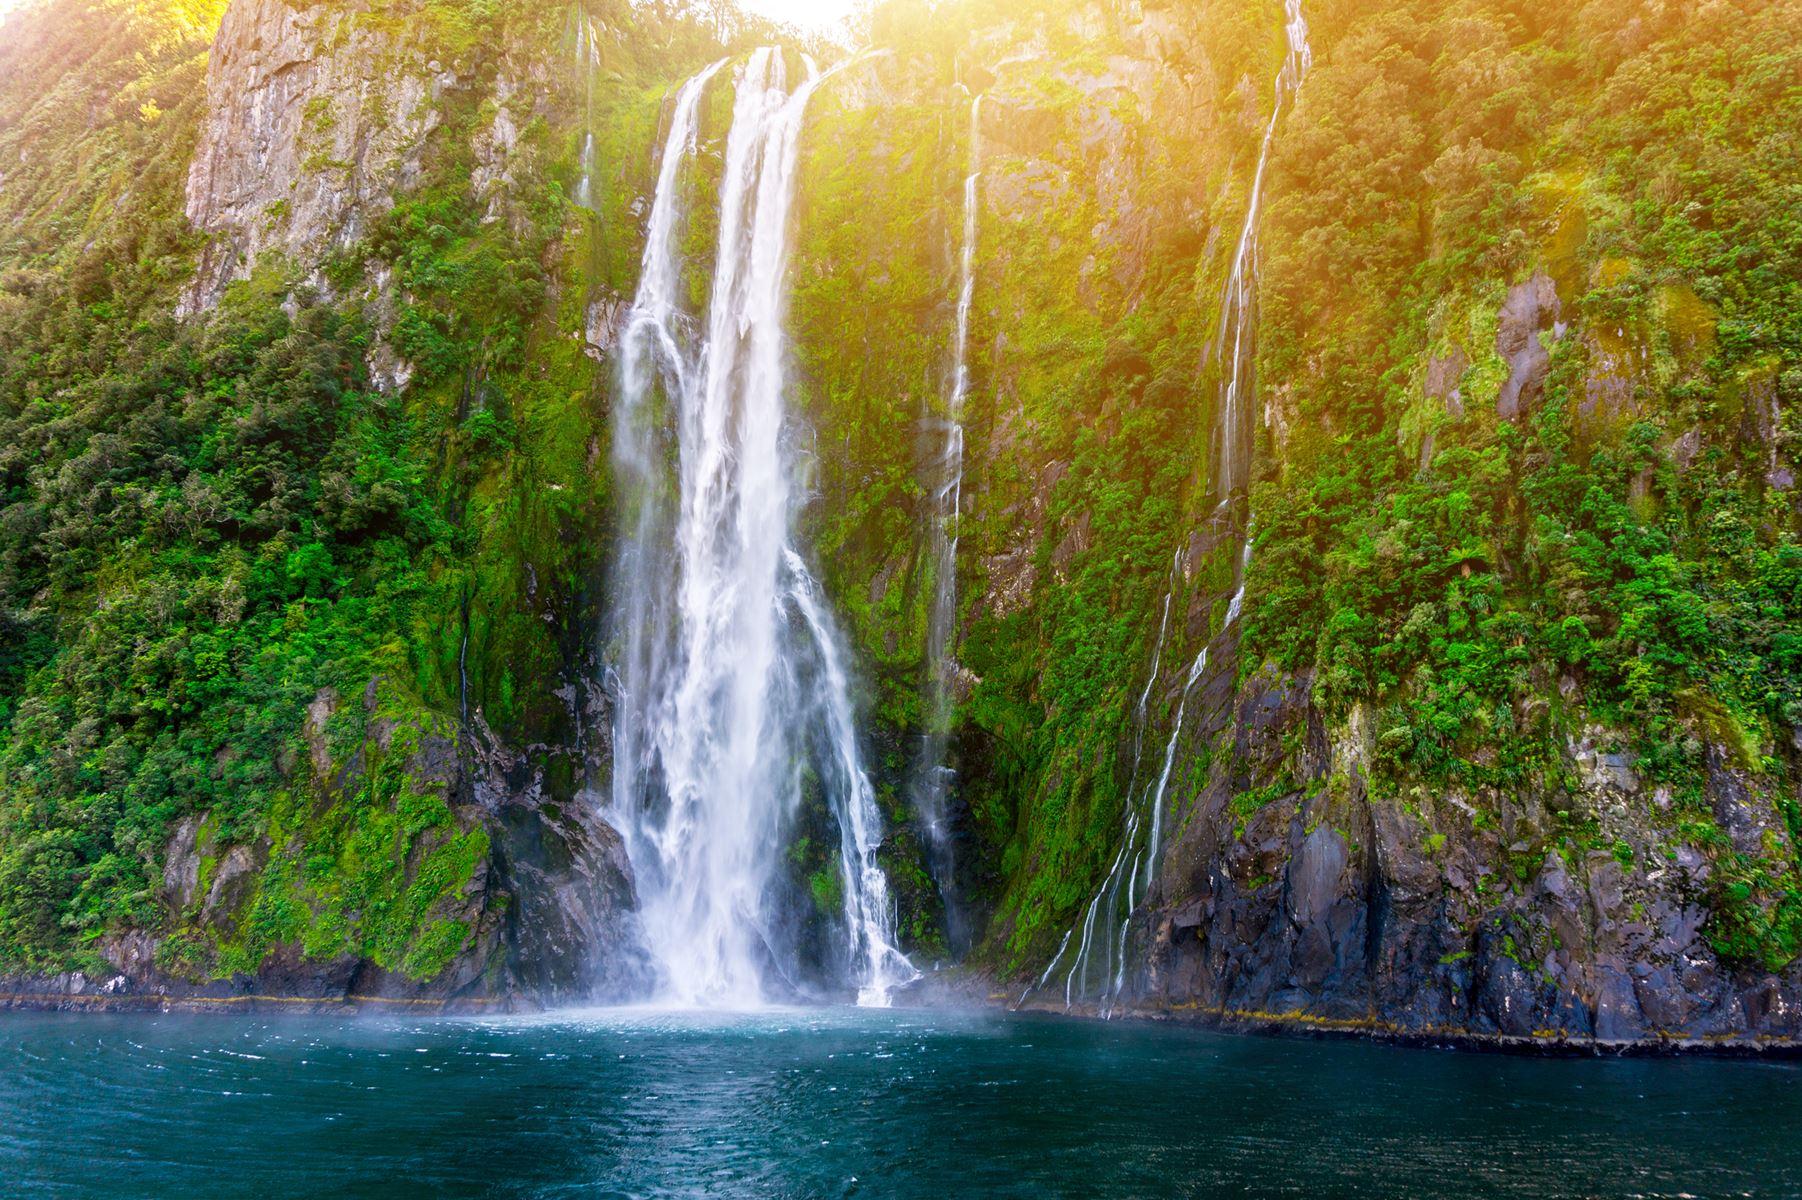 Nieuw-Zeeland Waterval